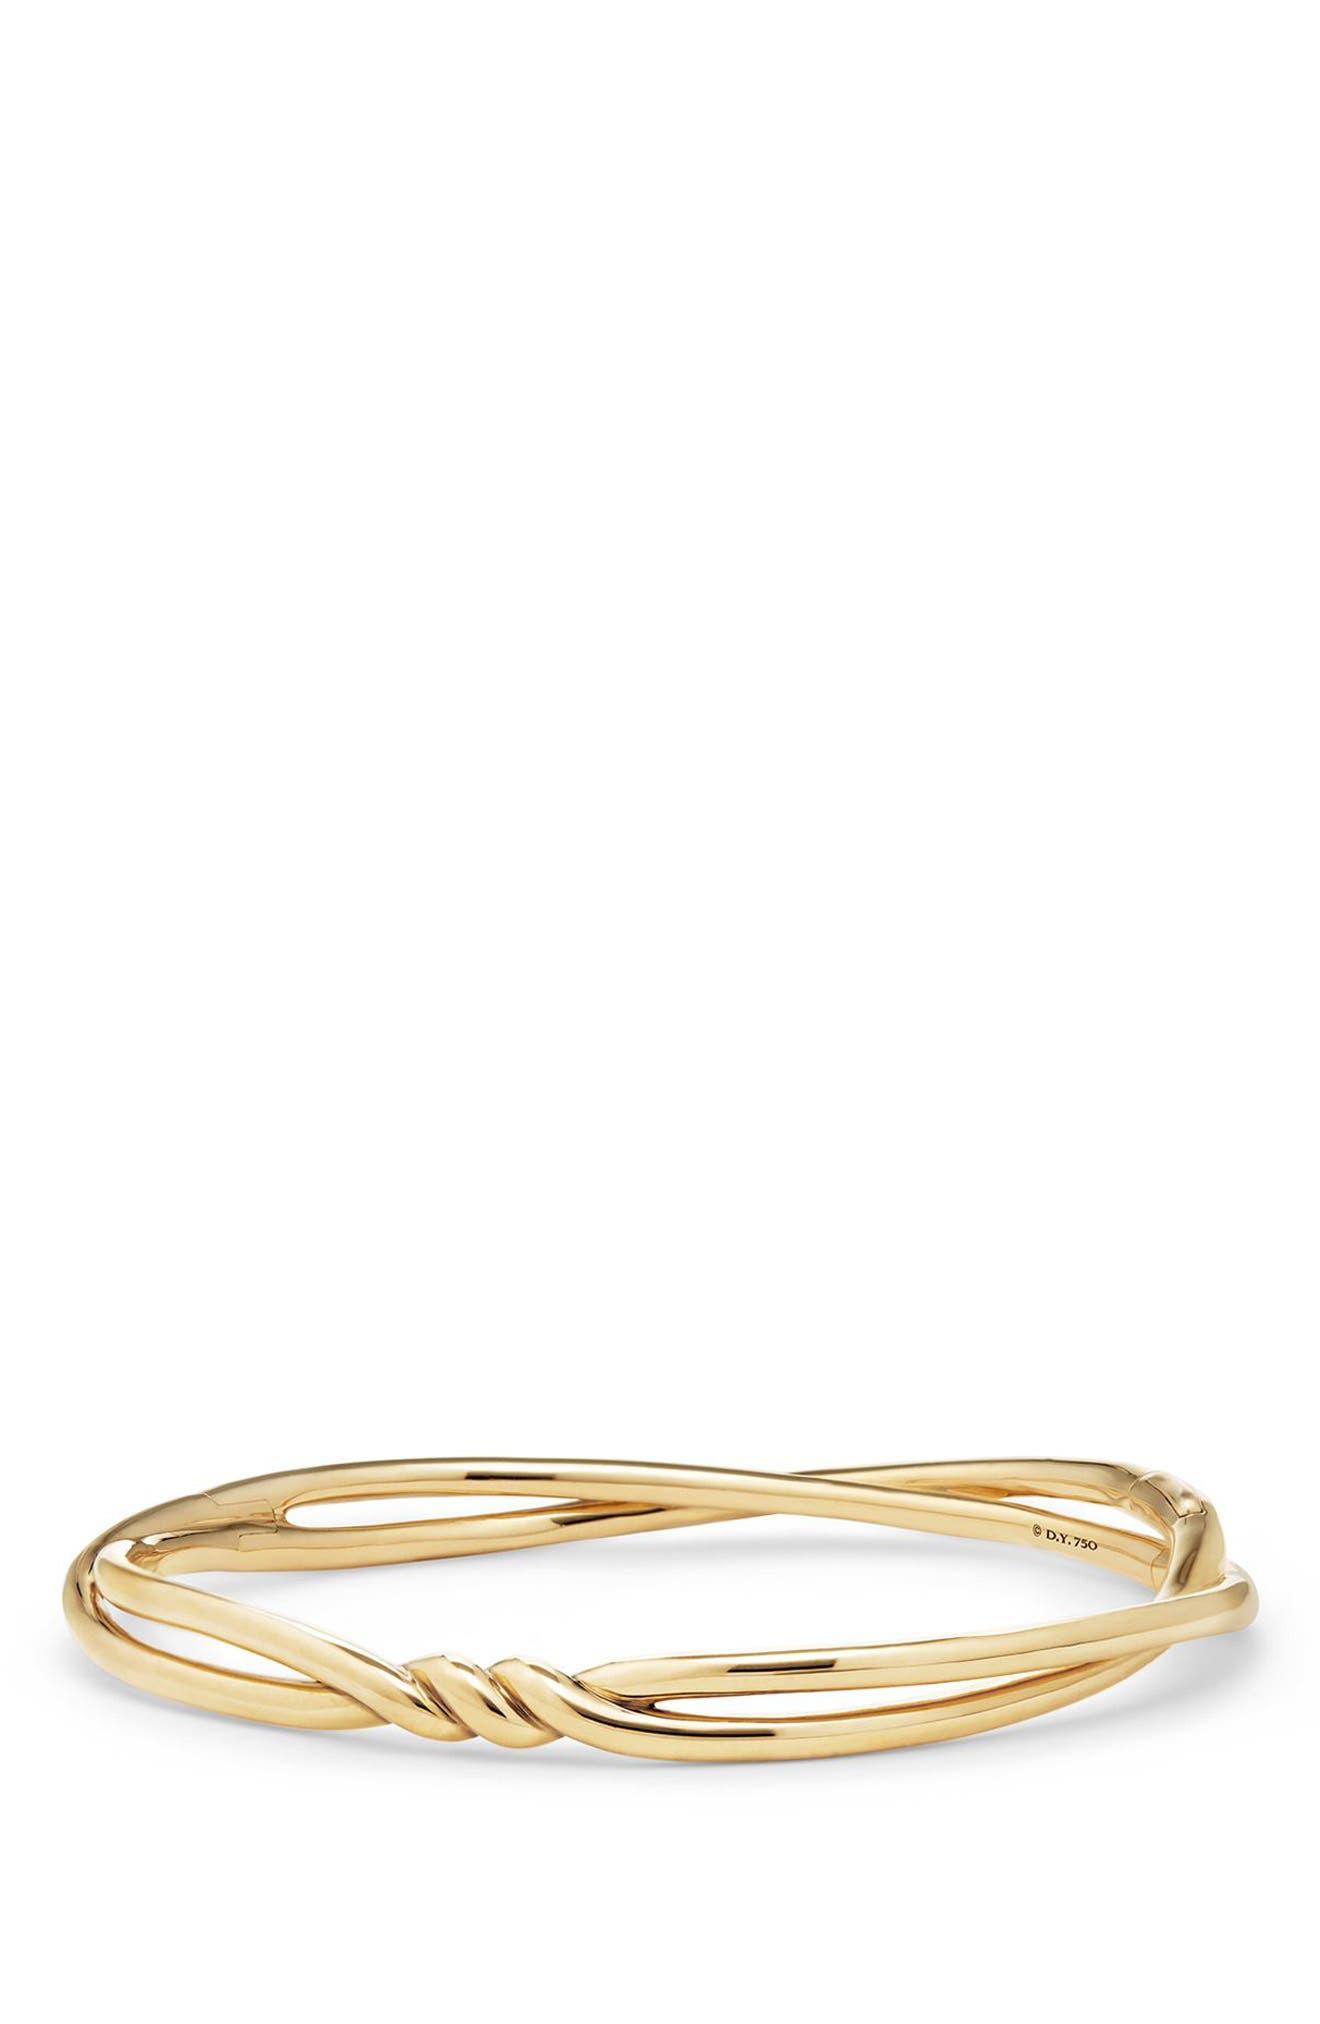 Continuance Center Twist Bracelet,                         Main,                         color, YELLOW GOLD